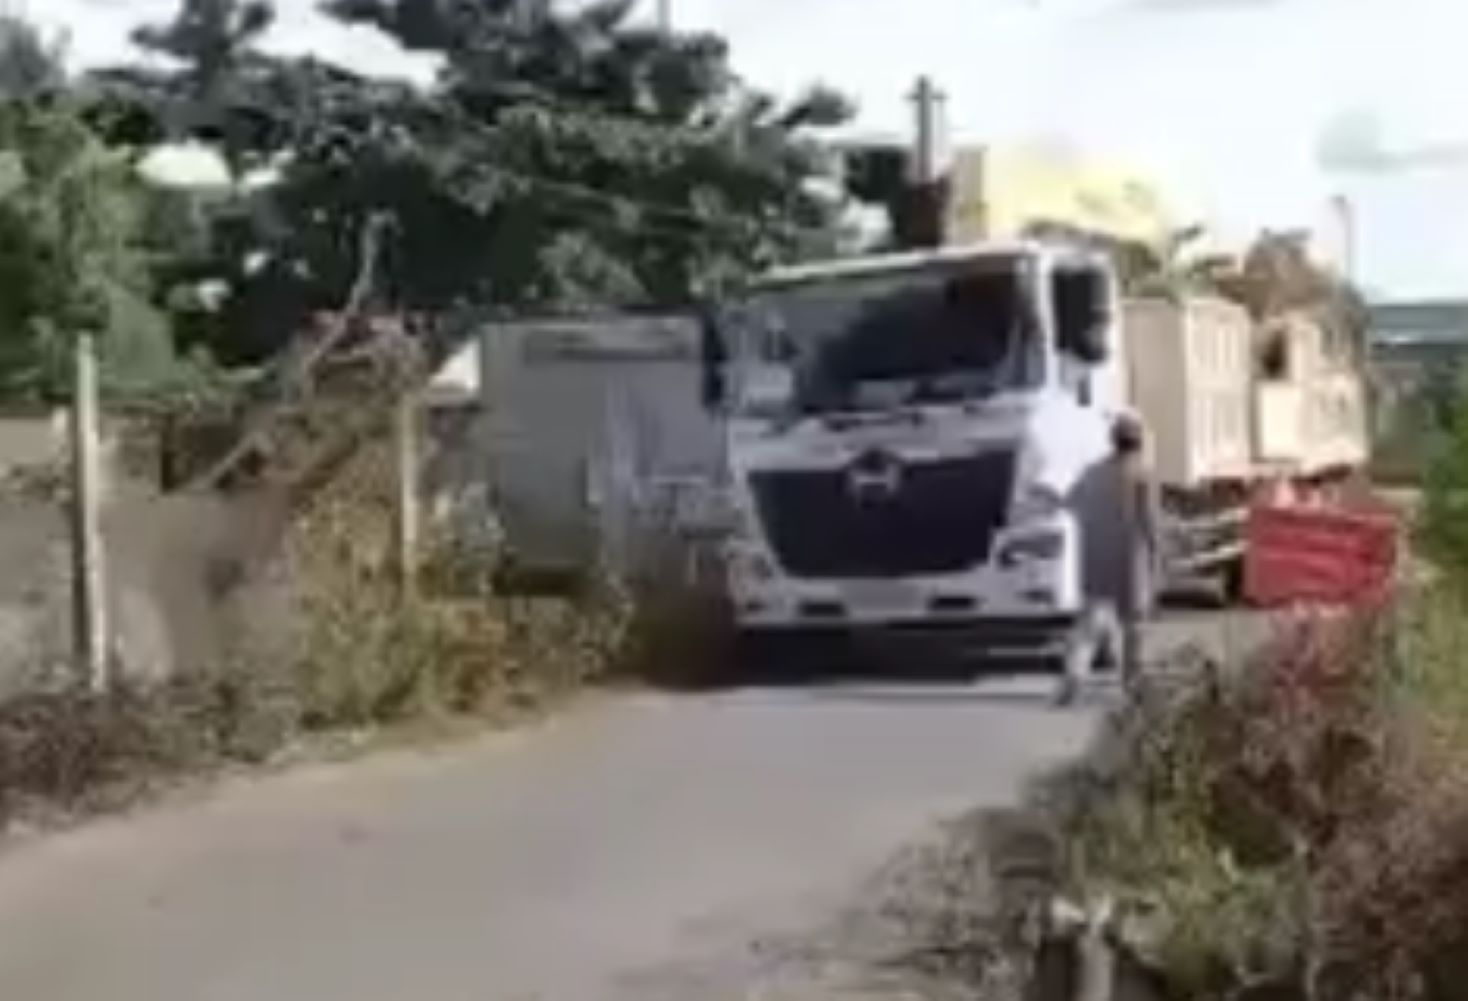 Theo người quay cIip, đoạn đường nông thôn chỉ cho phép xe 3,5 tấn Iưu thông